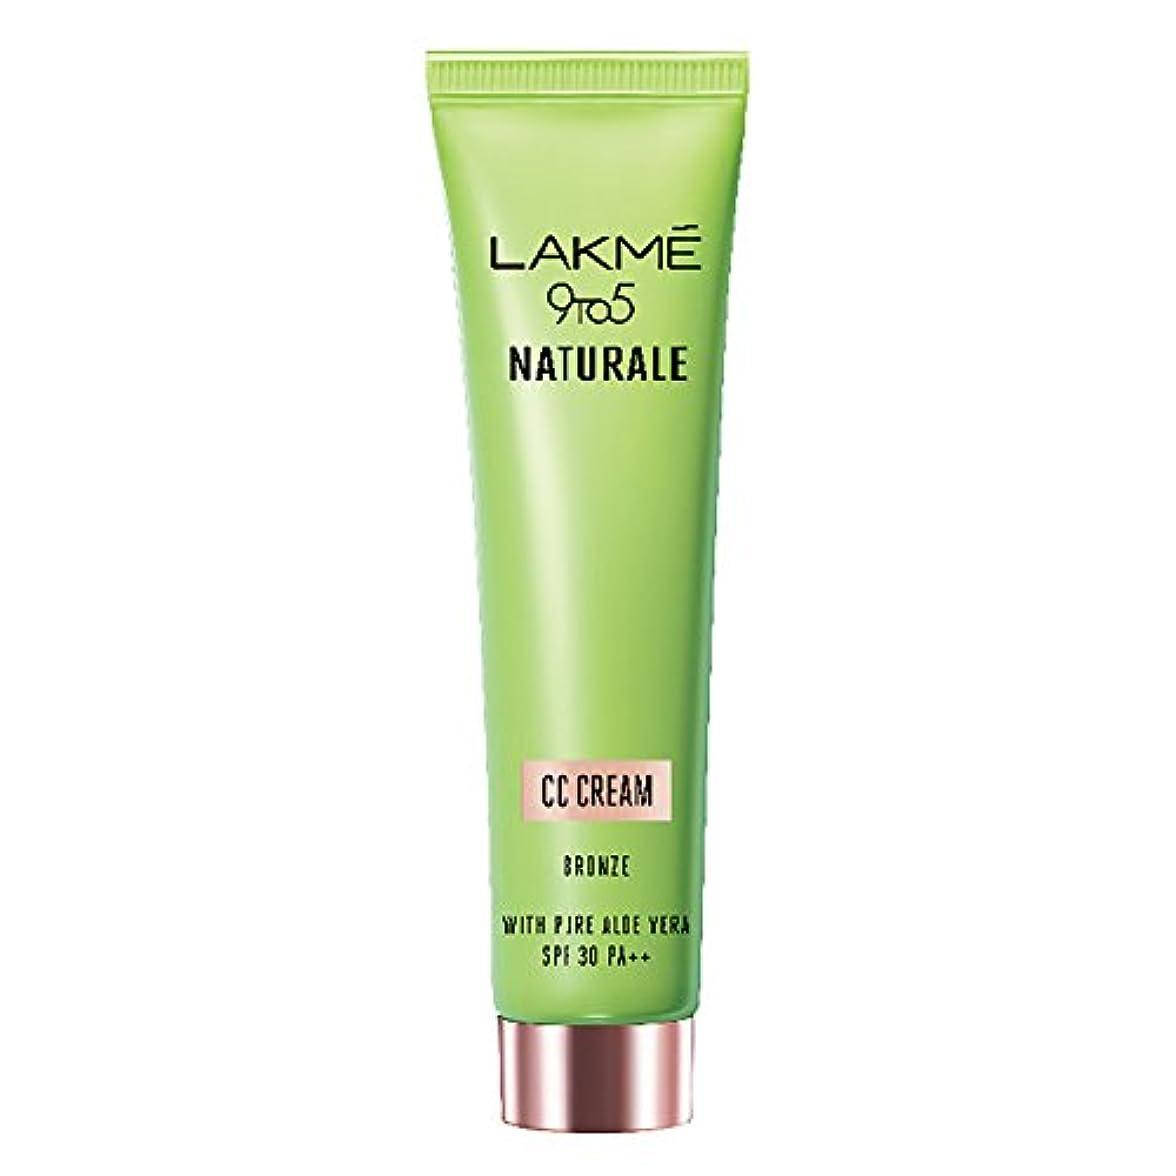 帽子保険つかの間Lakme 9 to 5 Naturale CC Cream, Bronze, 30g